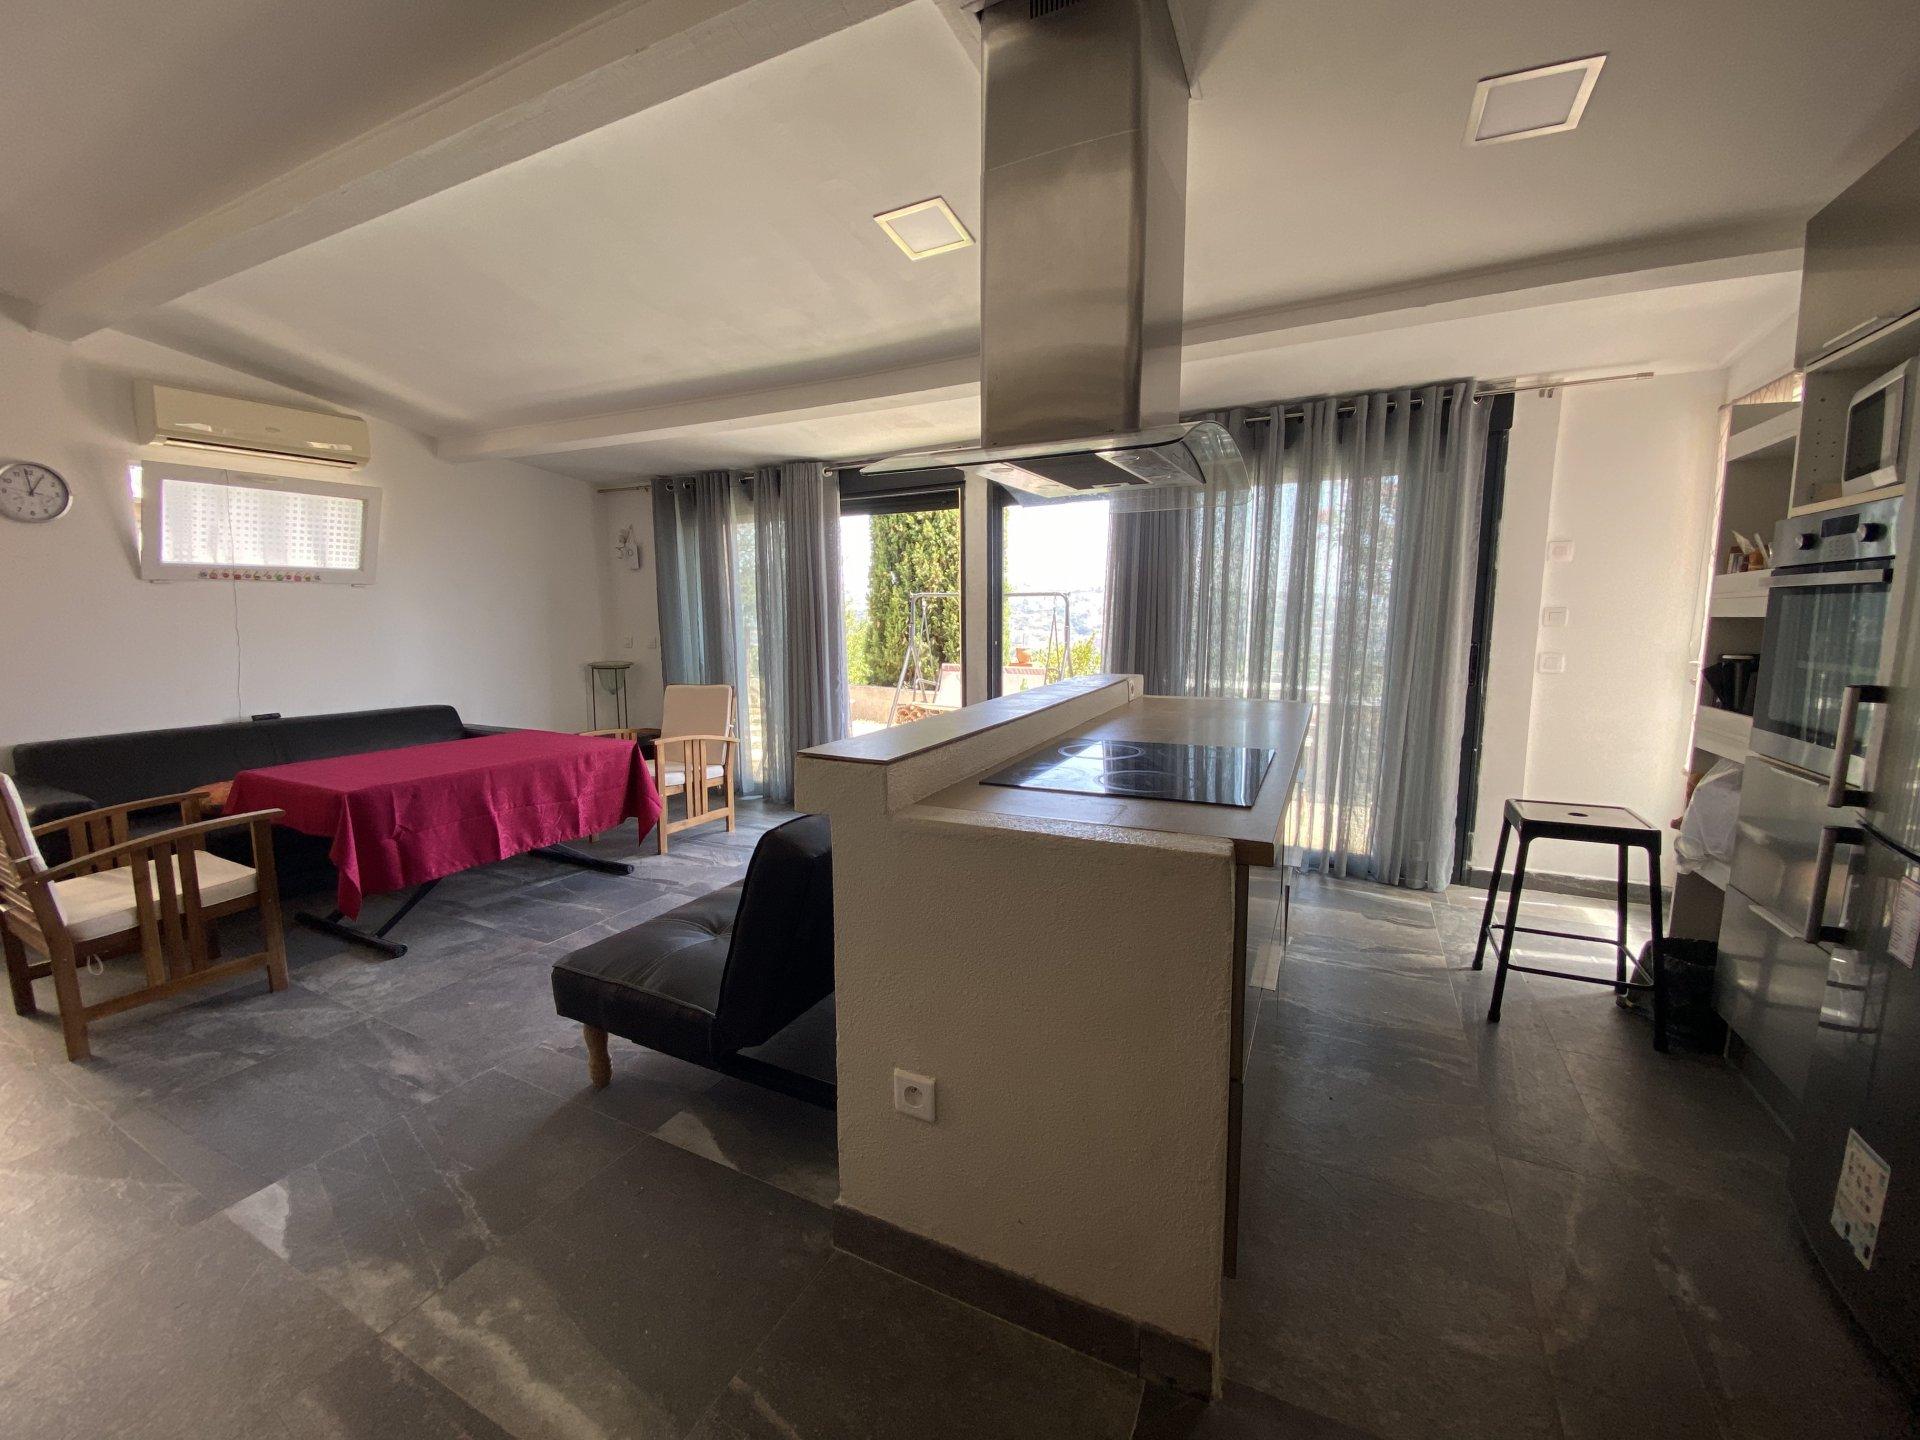 Loft atypique - SAINT-LAURENT-DU-VAR, 2 chambres avec jardin et vue dégagée